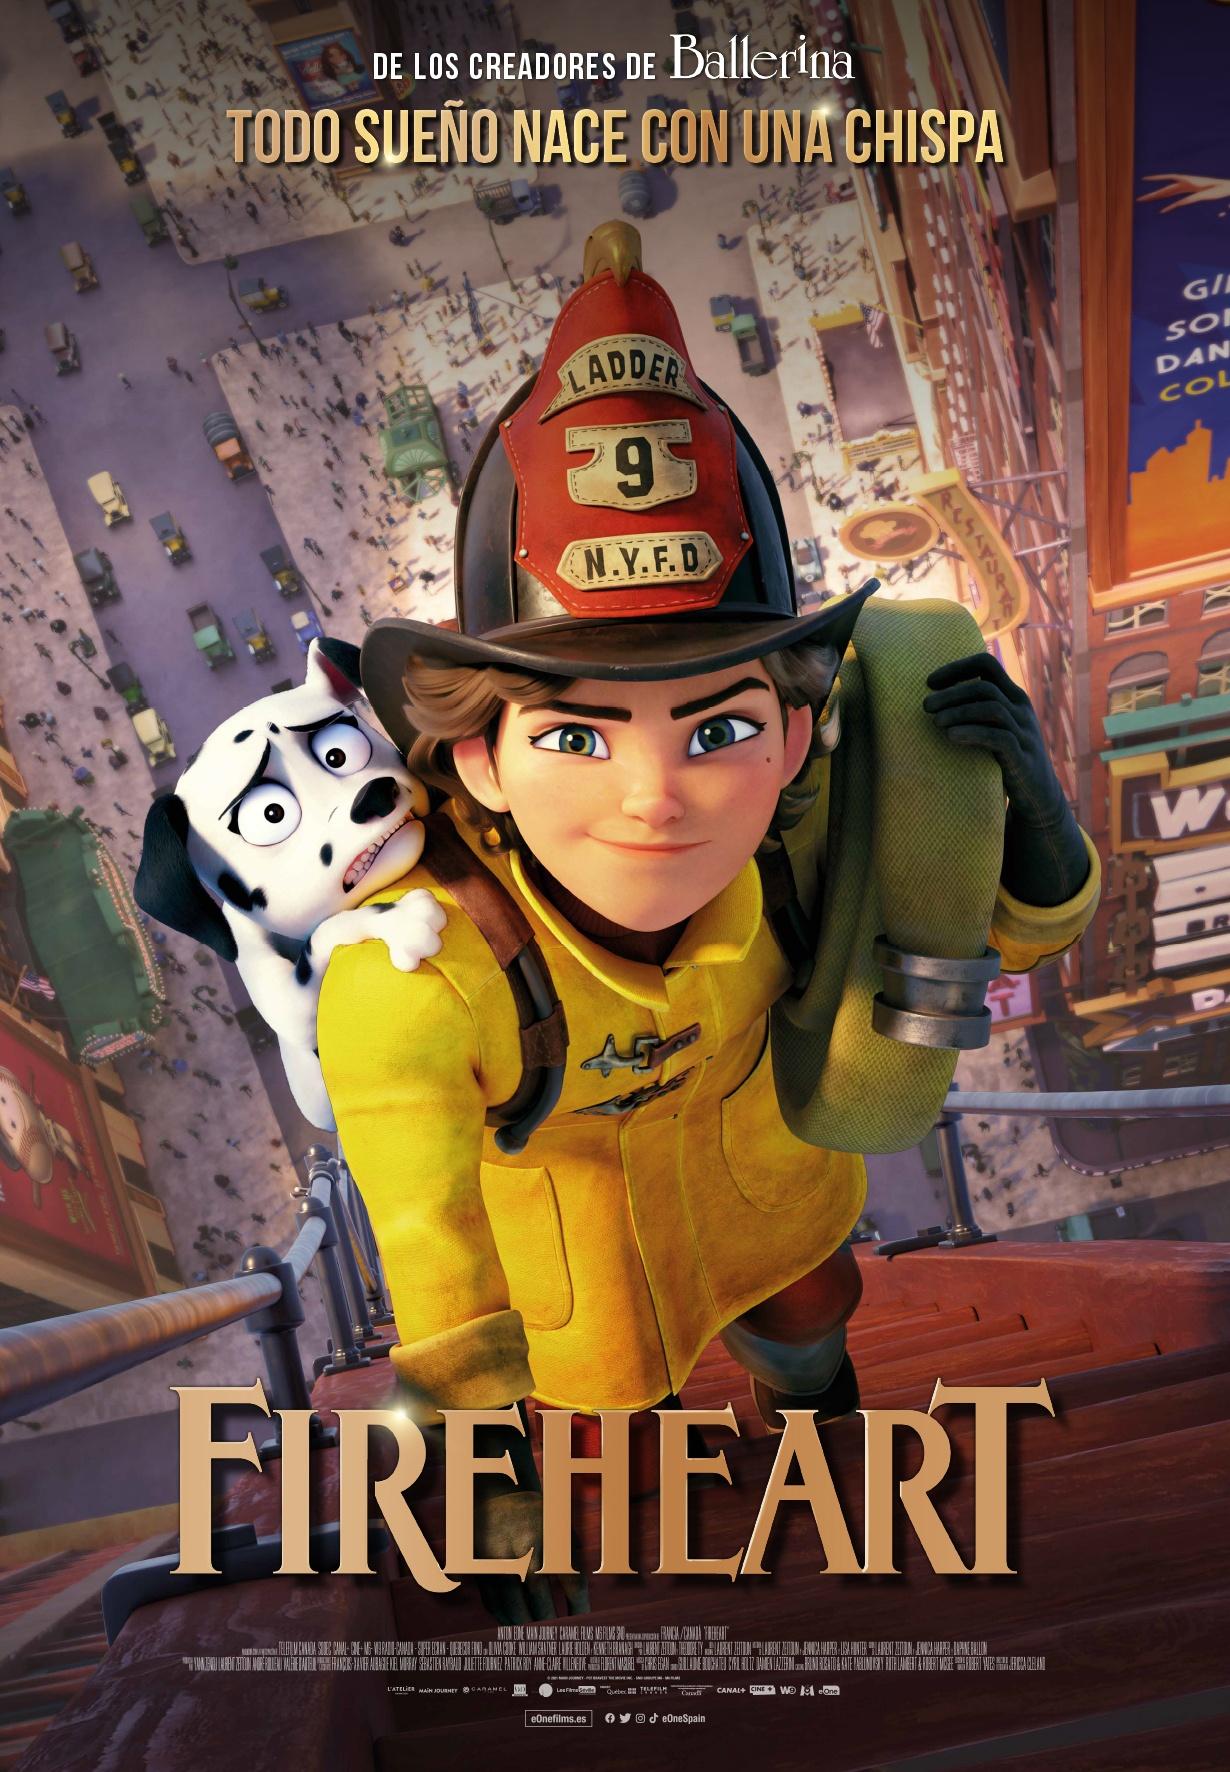 'Fireheart': Tráiler de la nueva película de los creadores de 'Ballerina' • En tu pantalla